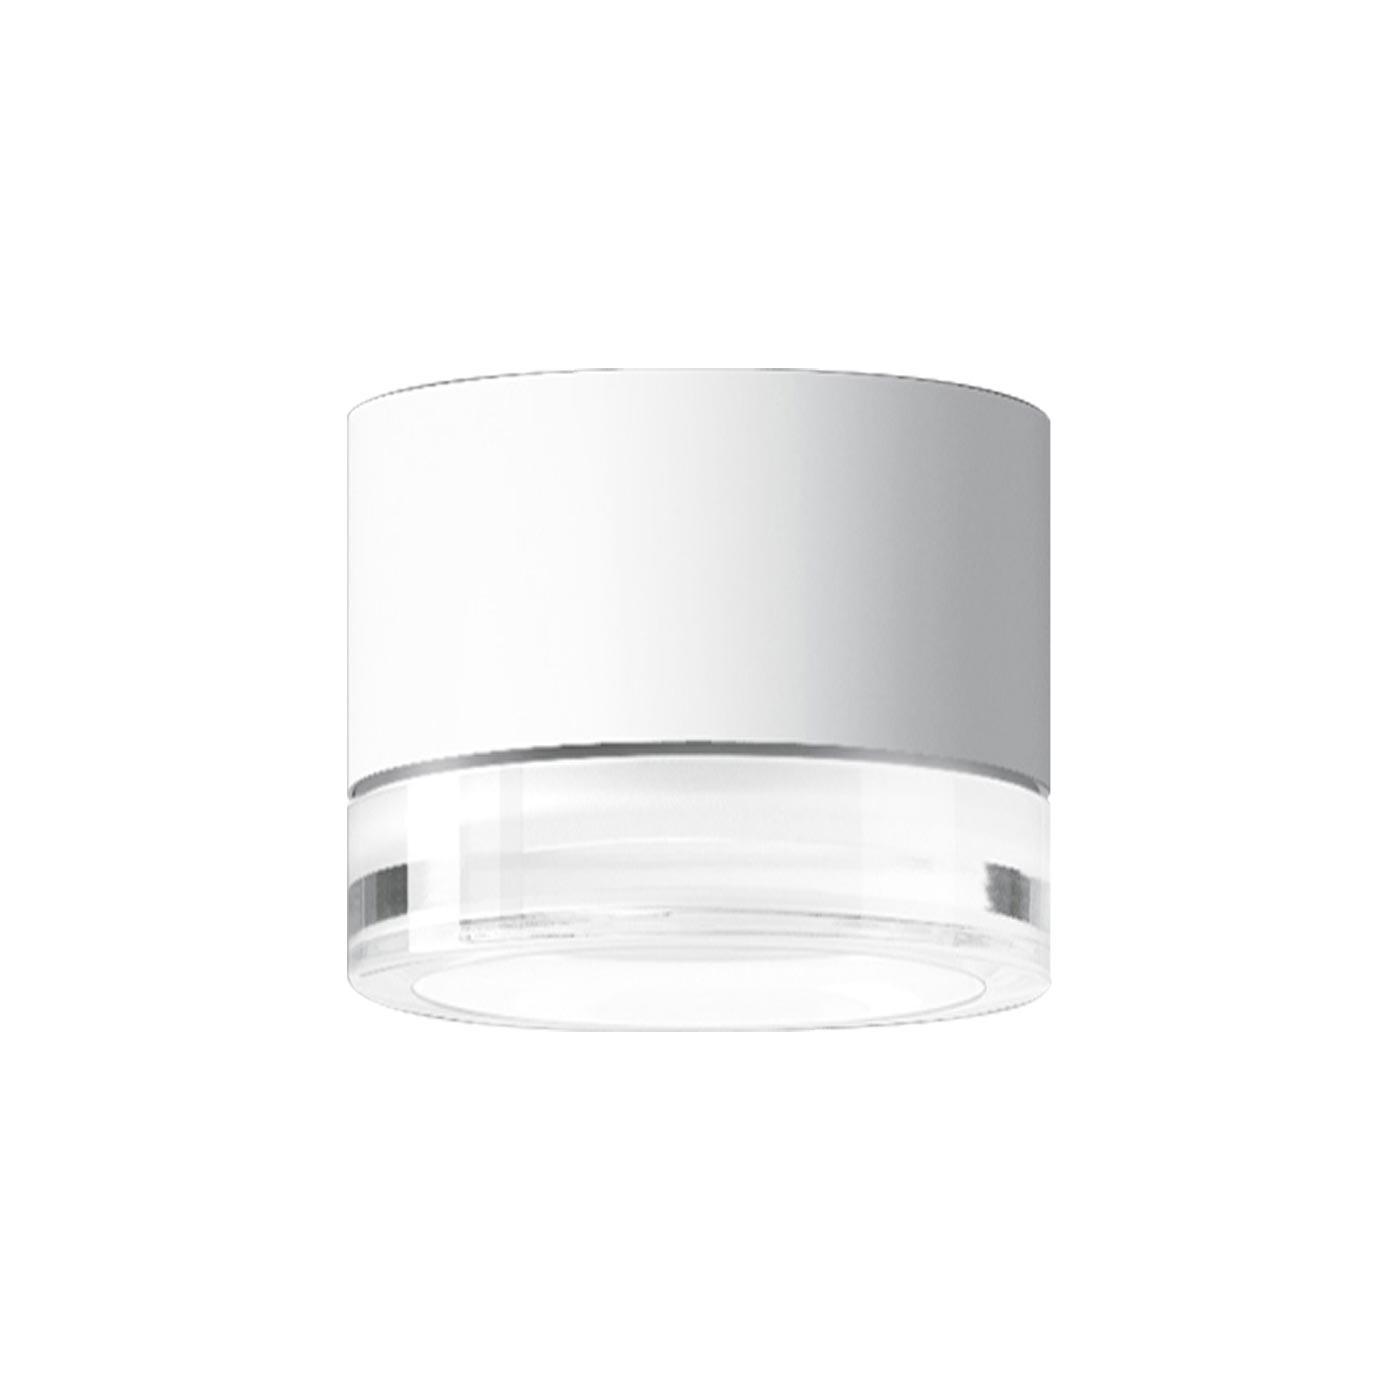 Bega 50565.1 / 50567.1 / 50570.1 LED ceiling lamp, brilliant white